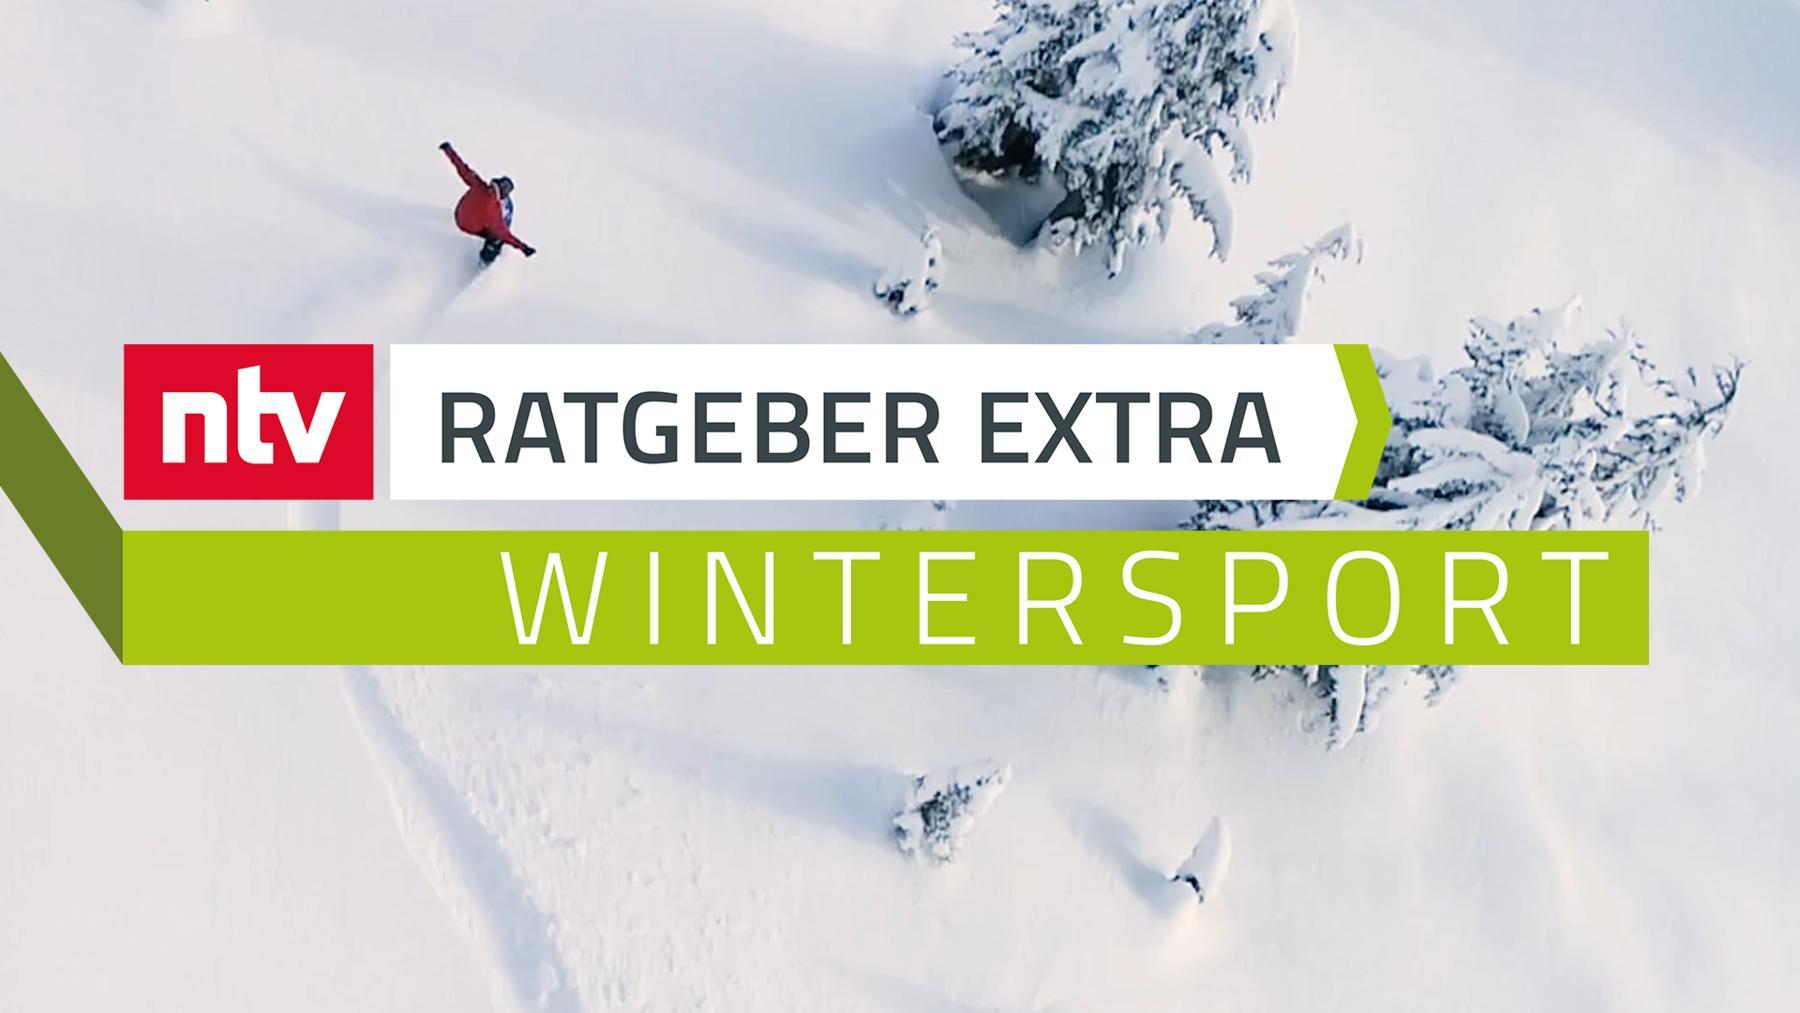 Ratgeber Extra: Wintersport